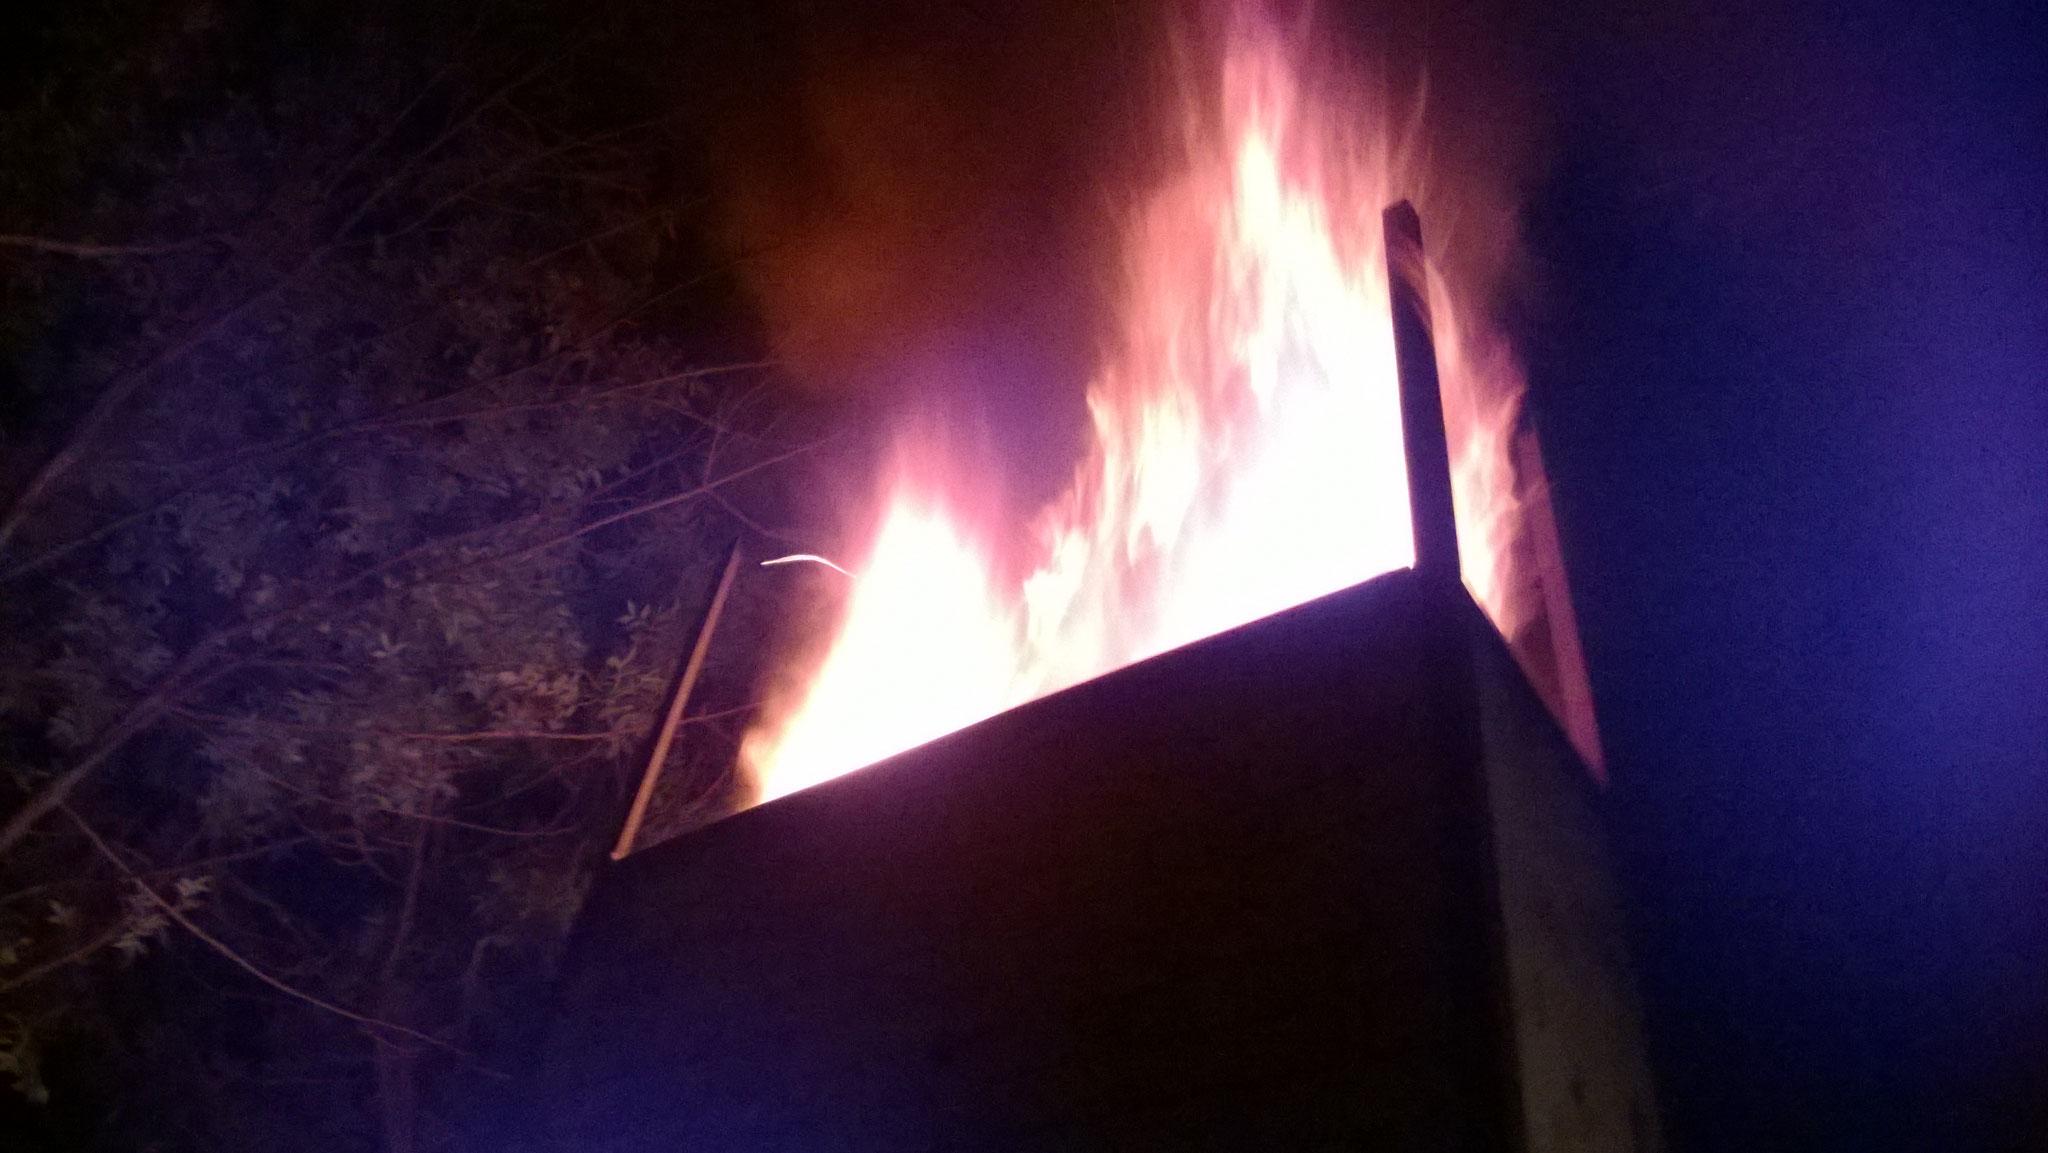 Flamme à la cheminée